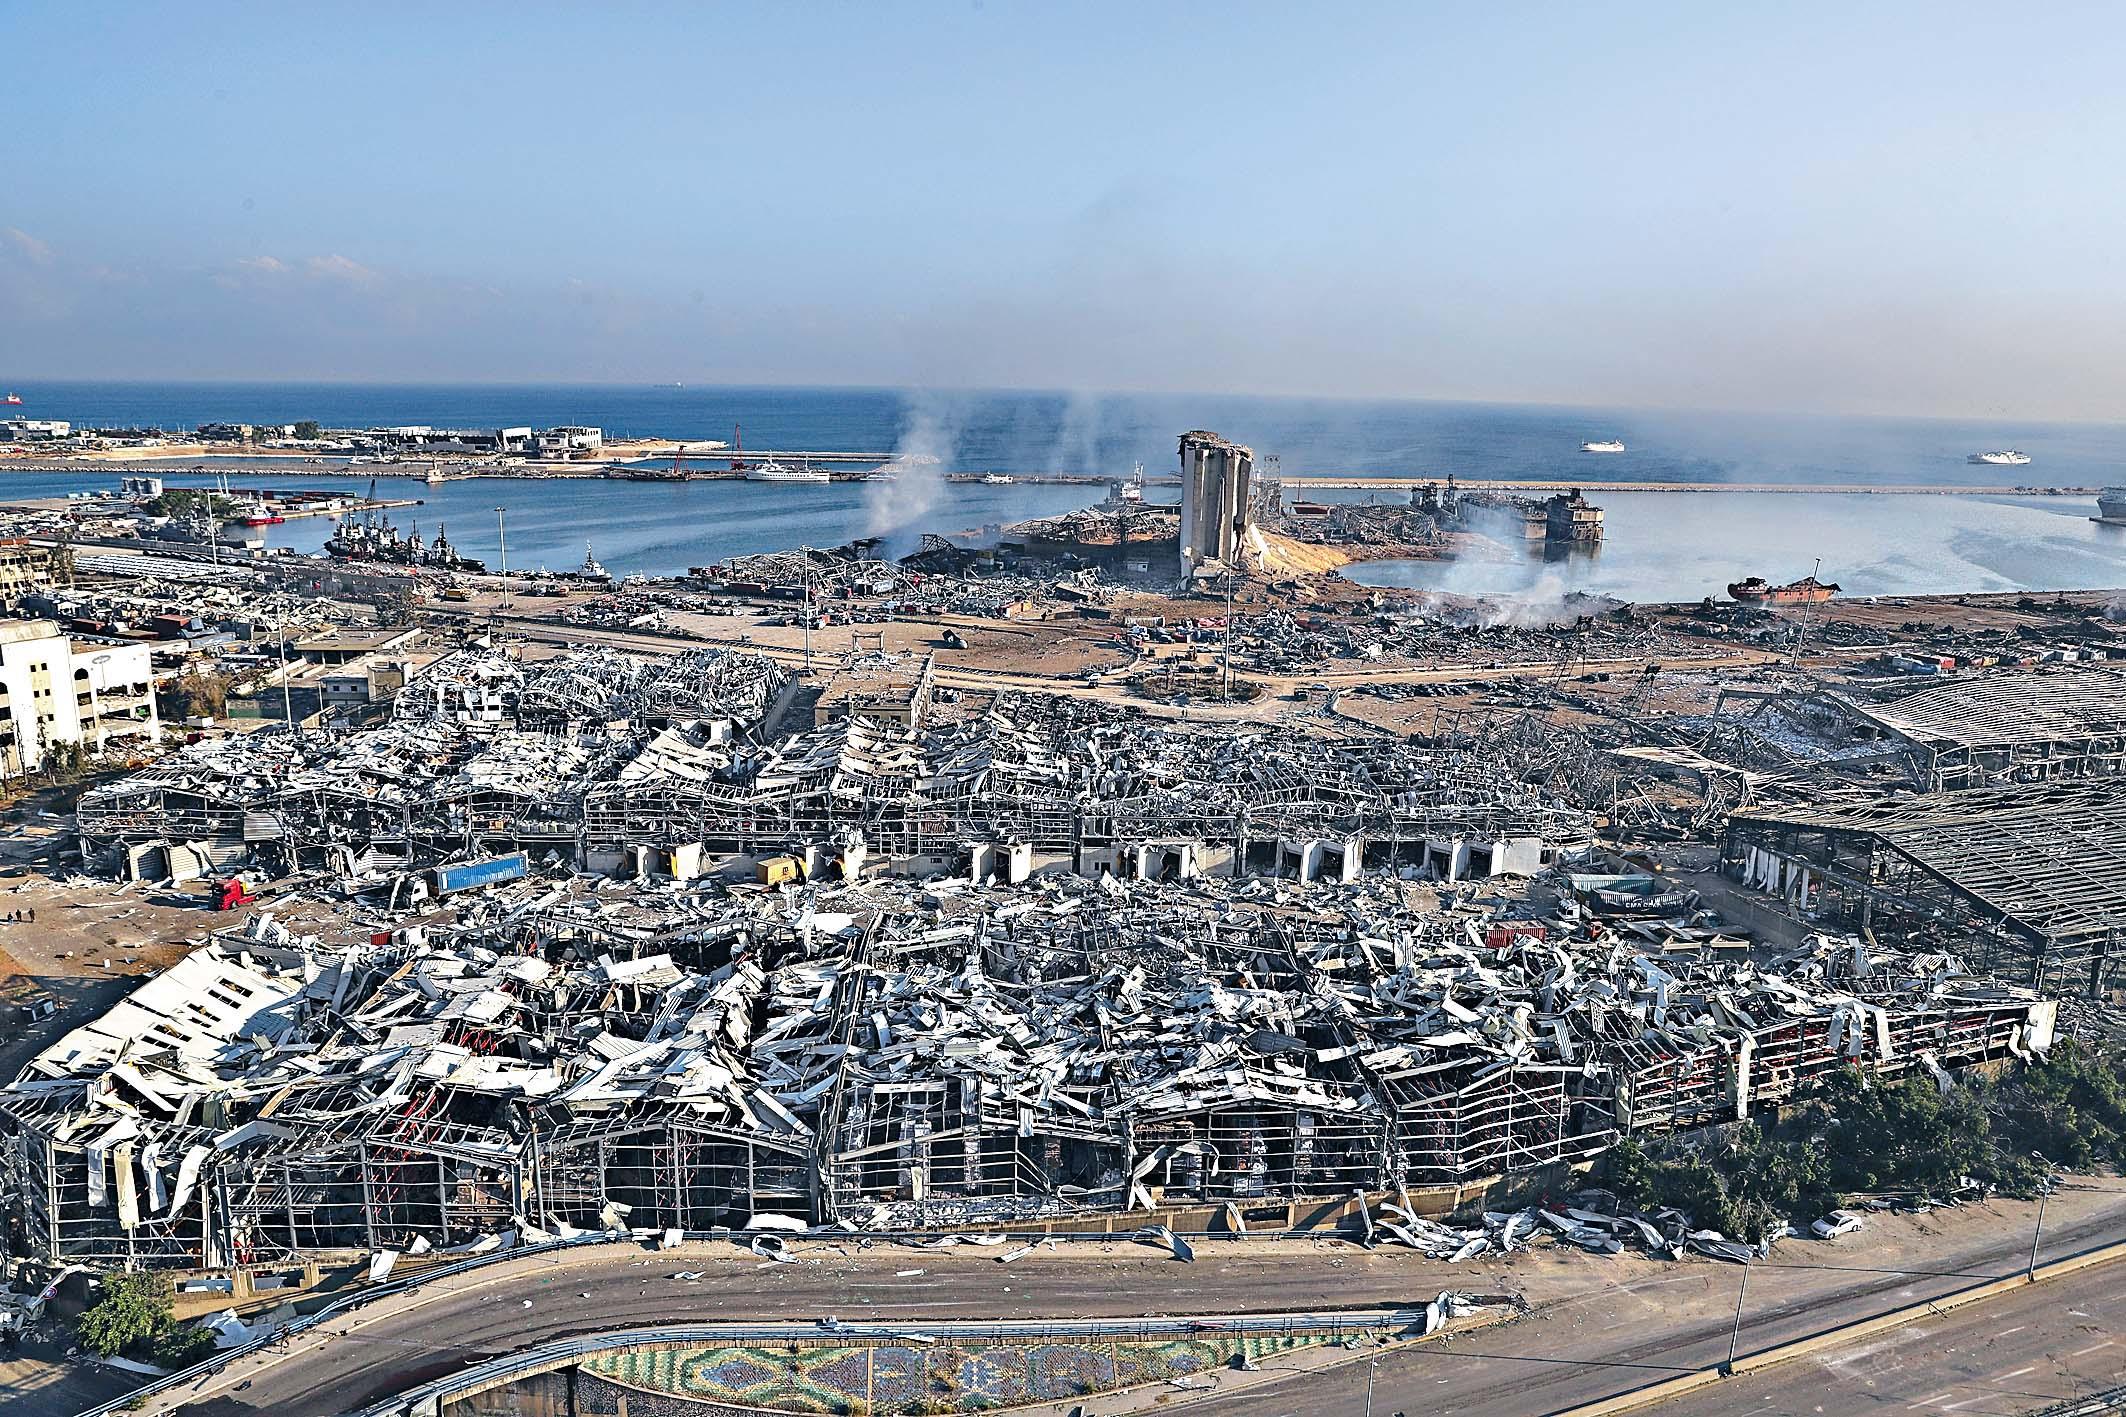 貝魯特港口周二傍晚發生猛烈大爆炸後,許多建築物被炸毀、倒塌。